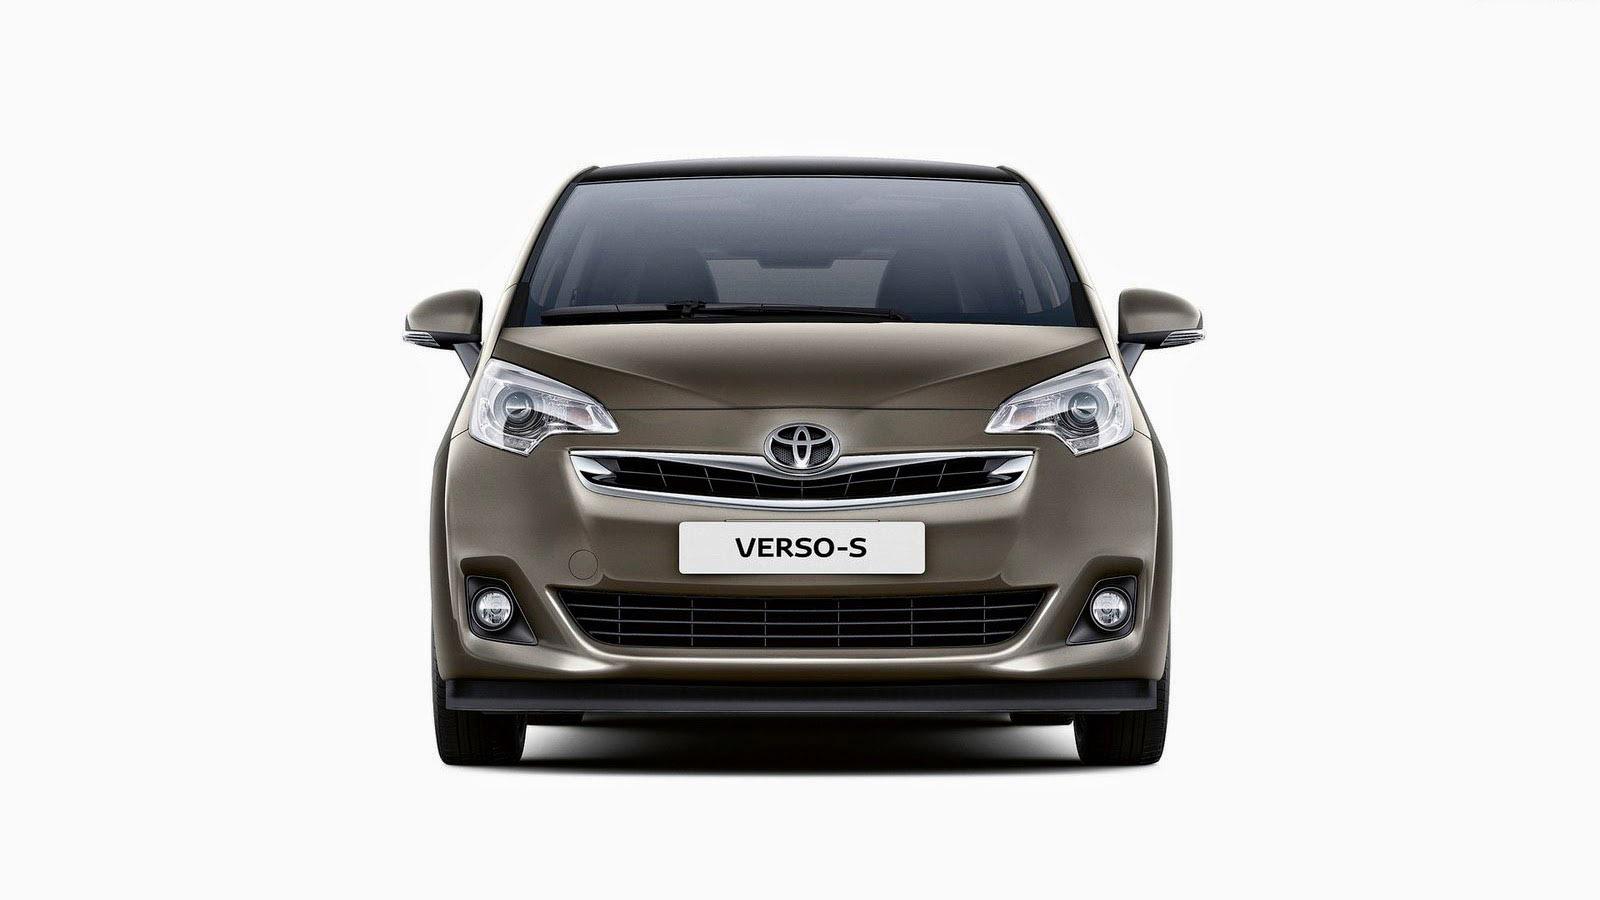 2015 Toyota Verso S MPV Picture 101476